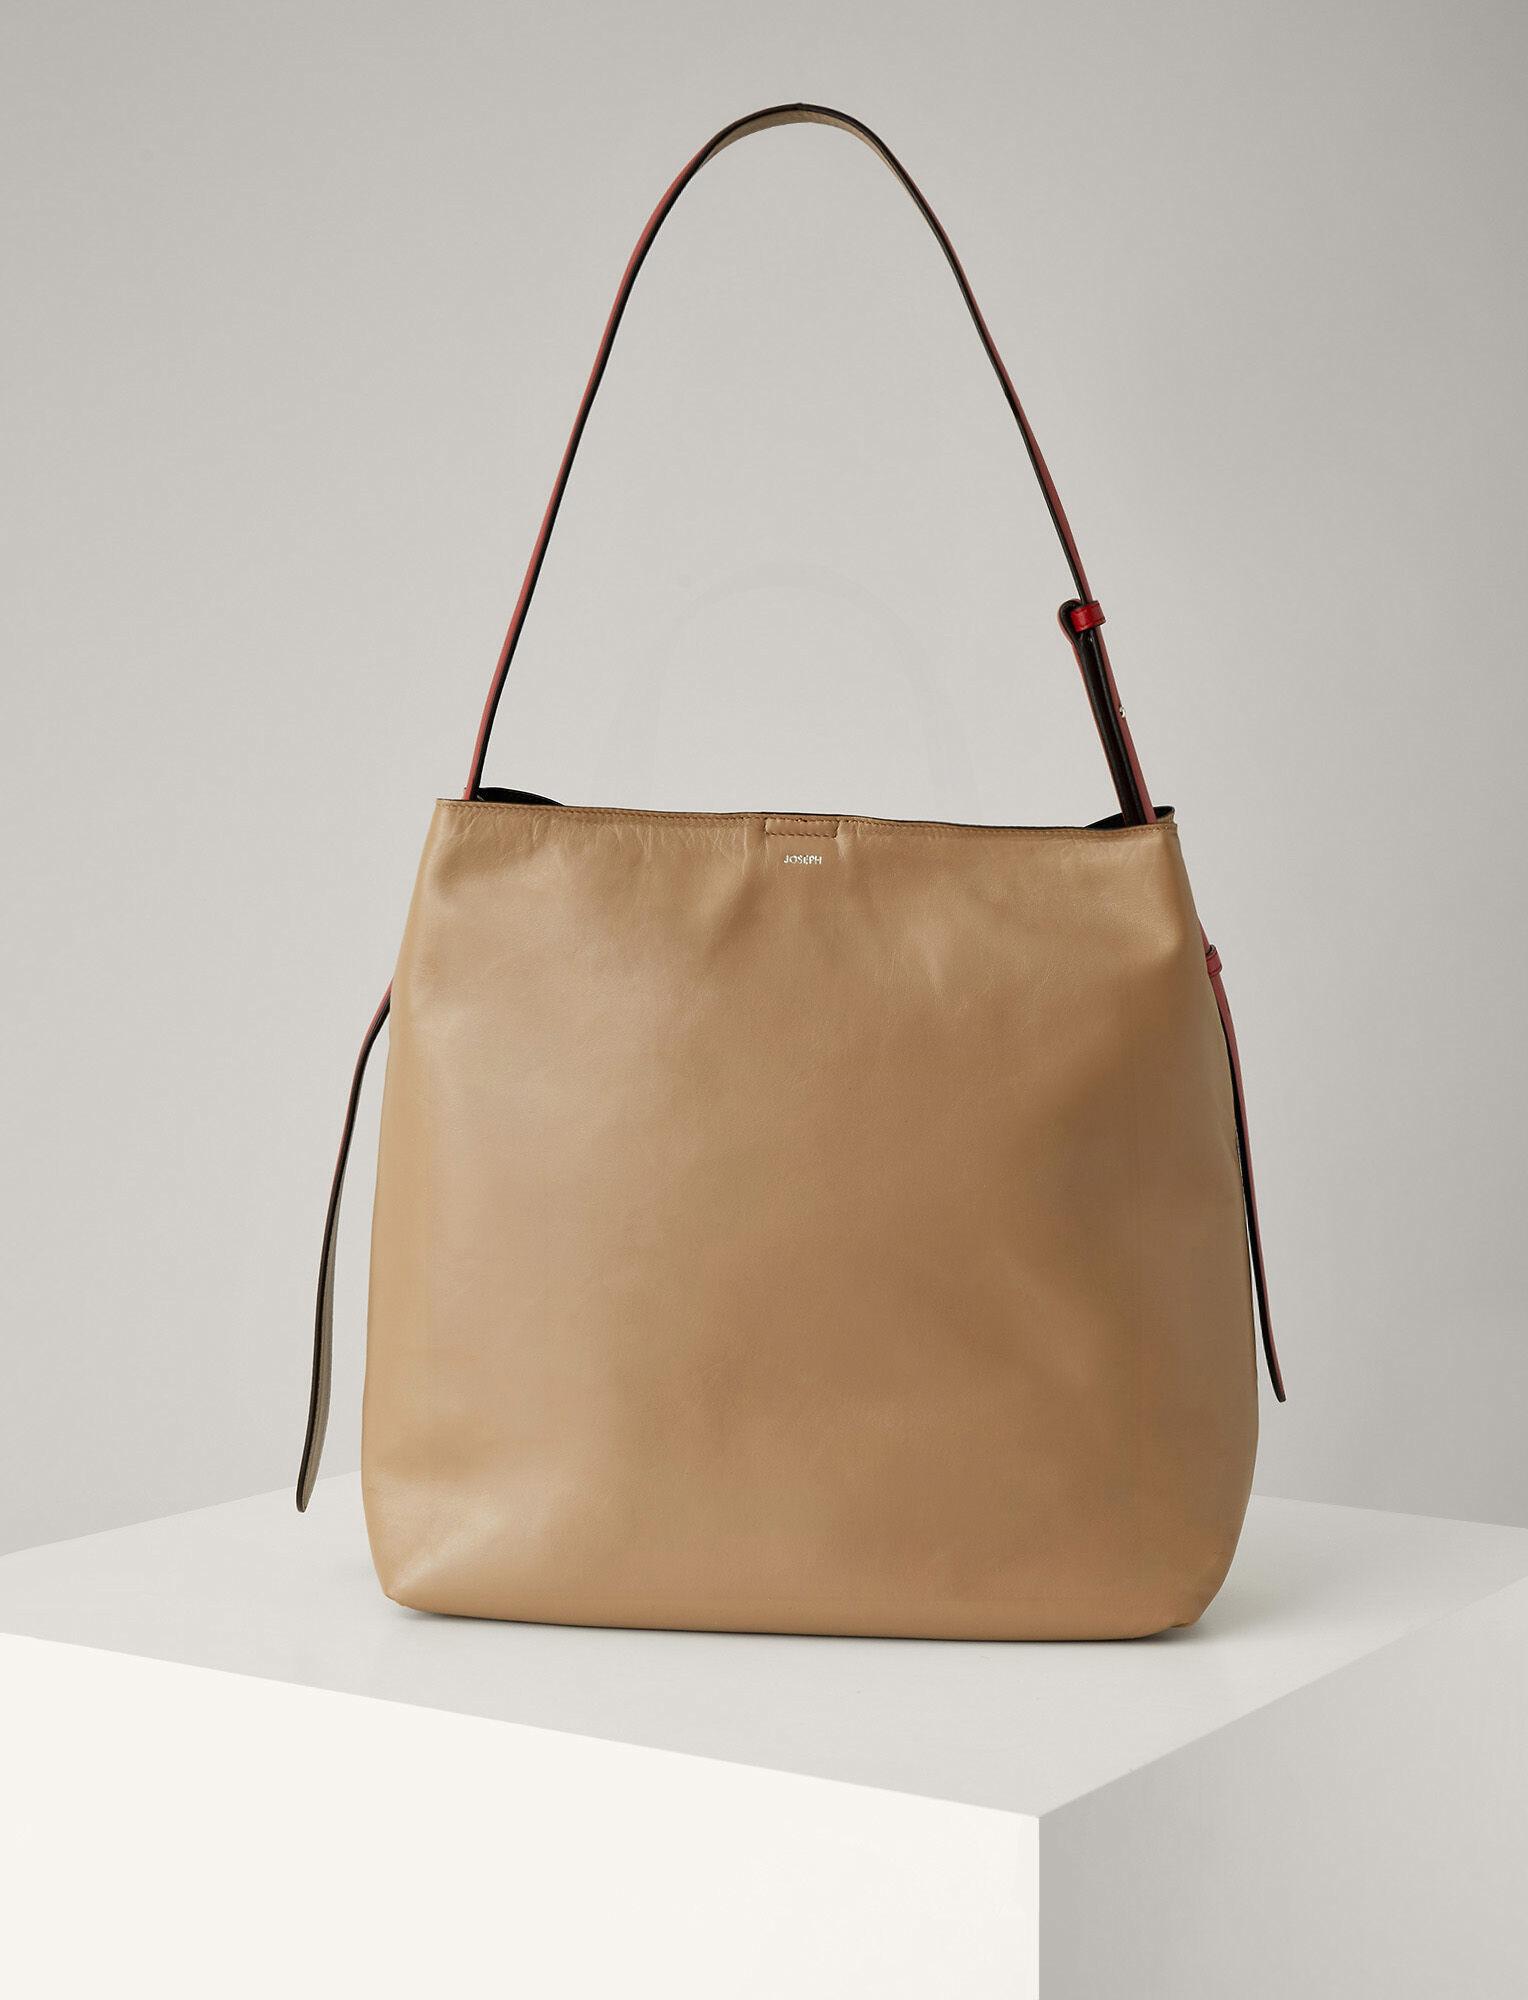 Joseph, Nappa Leather Pimlico Bag, in BEIGE